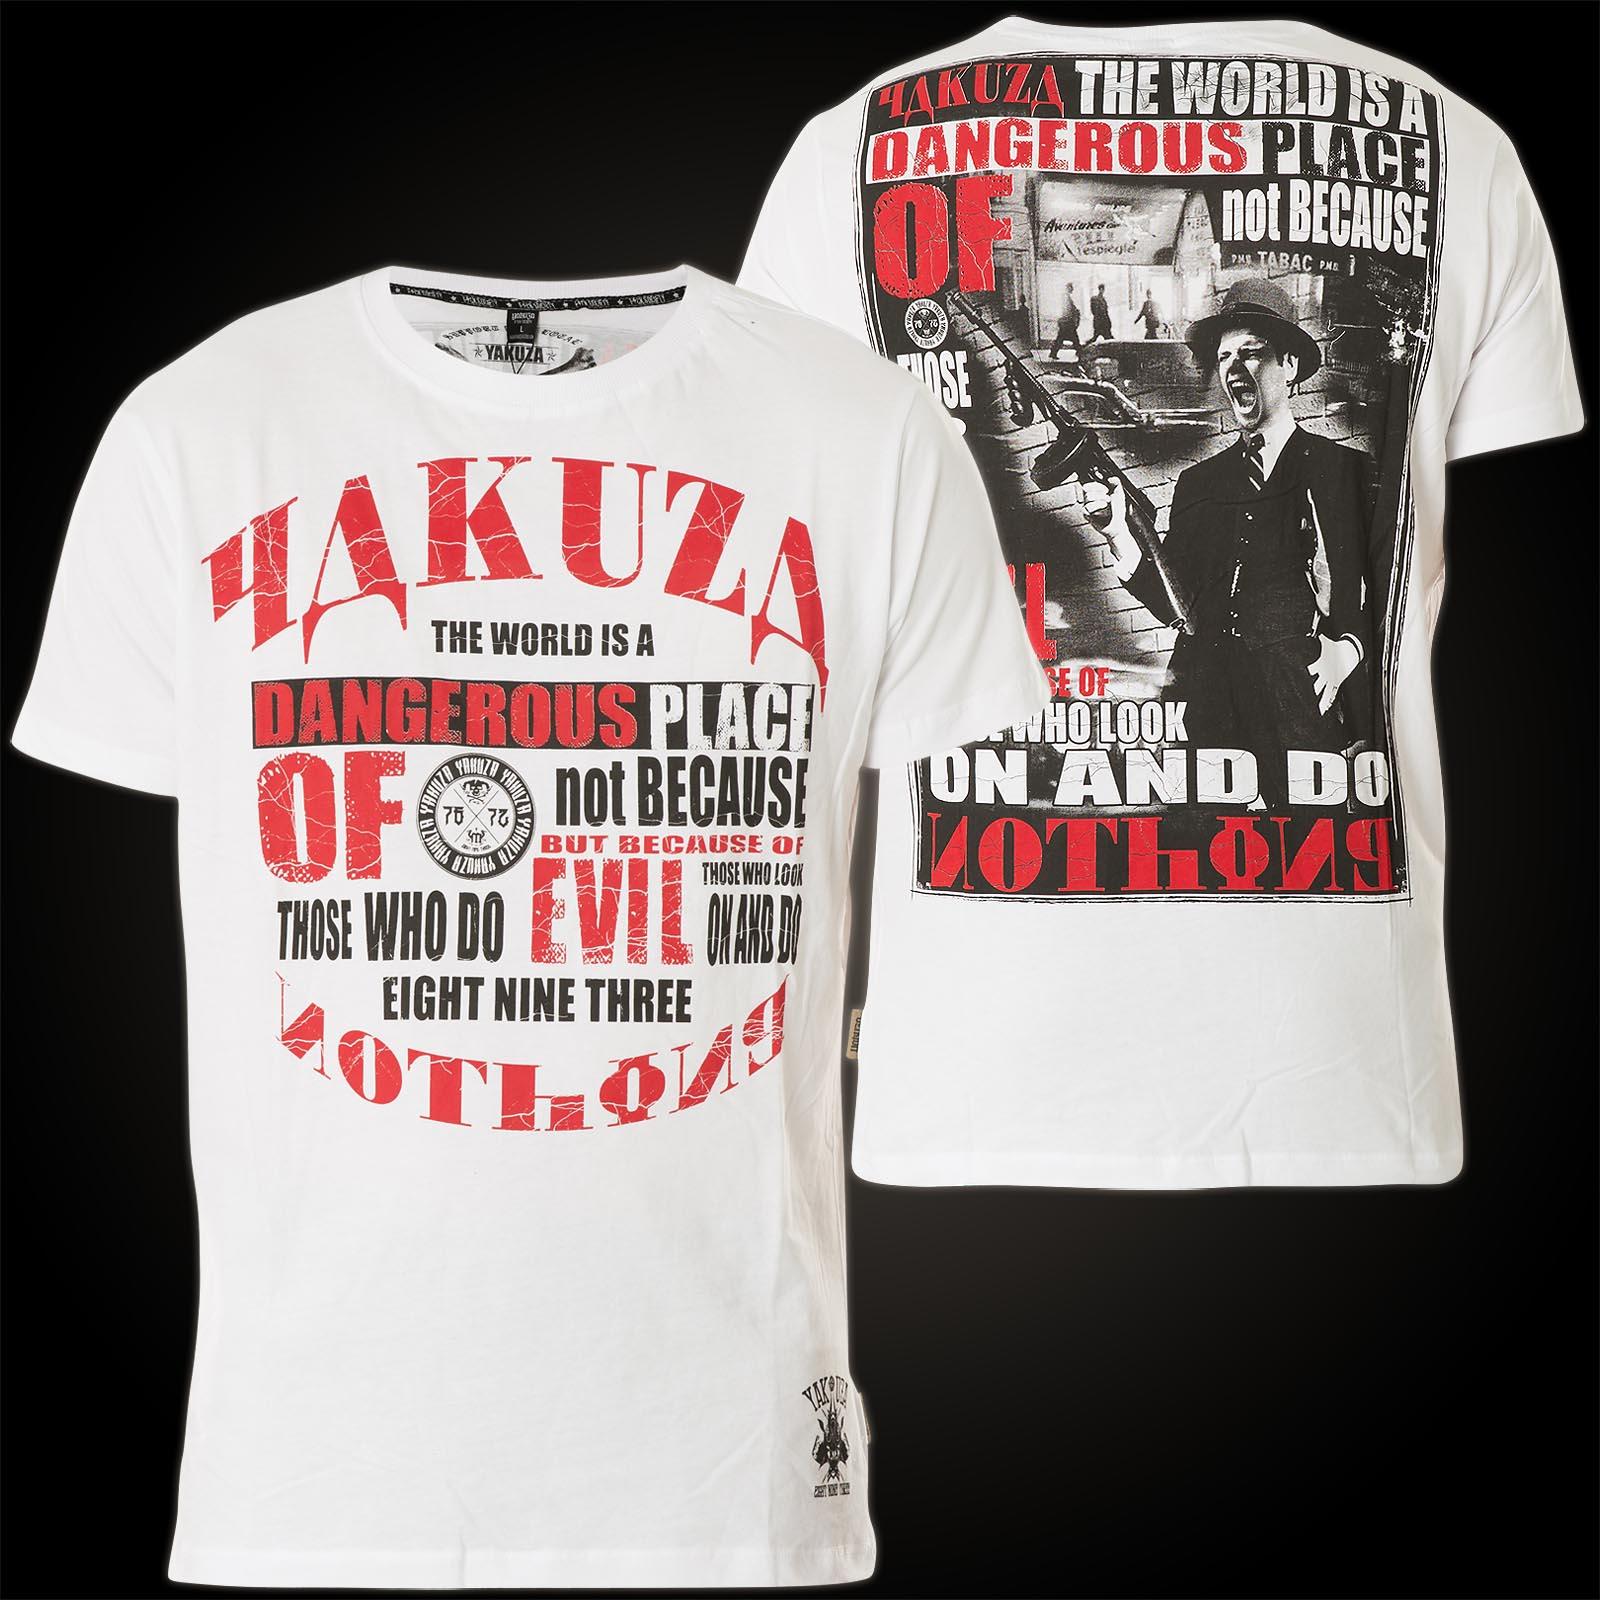 Yakuza Dangerous Place T Shirt Print Mann Mit Waffe